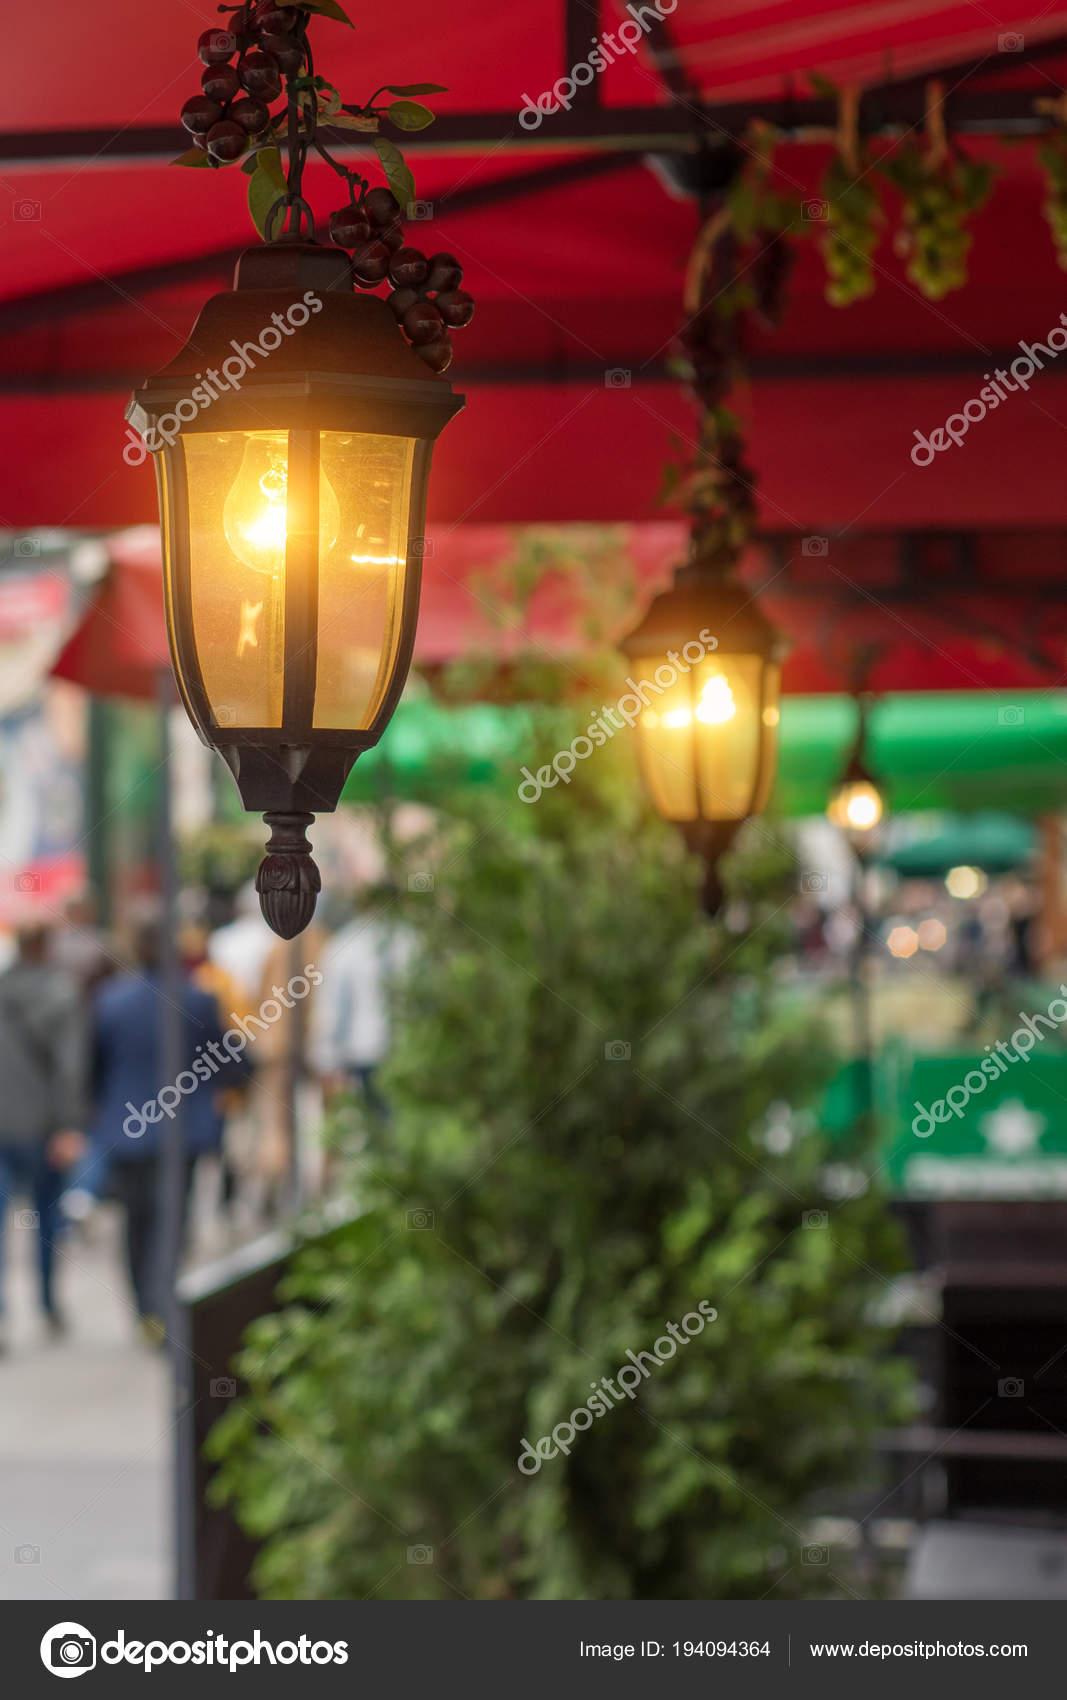 https://st3.depositphotos.com/6239660/19409/i/1600/depositphotos_194094364-stockafbeelding-tuin-verlichting-met-solar-batterij.jpg